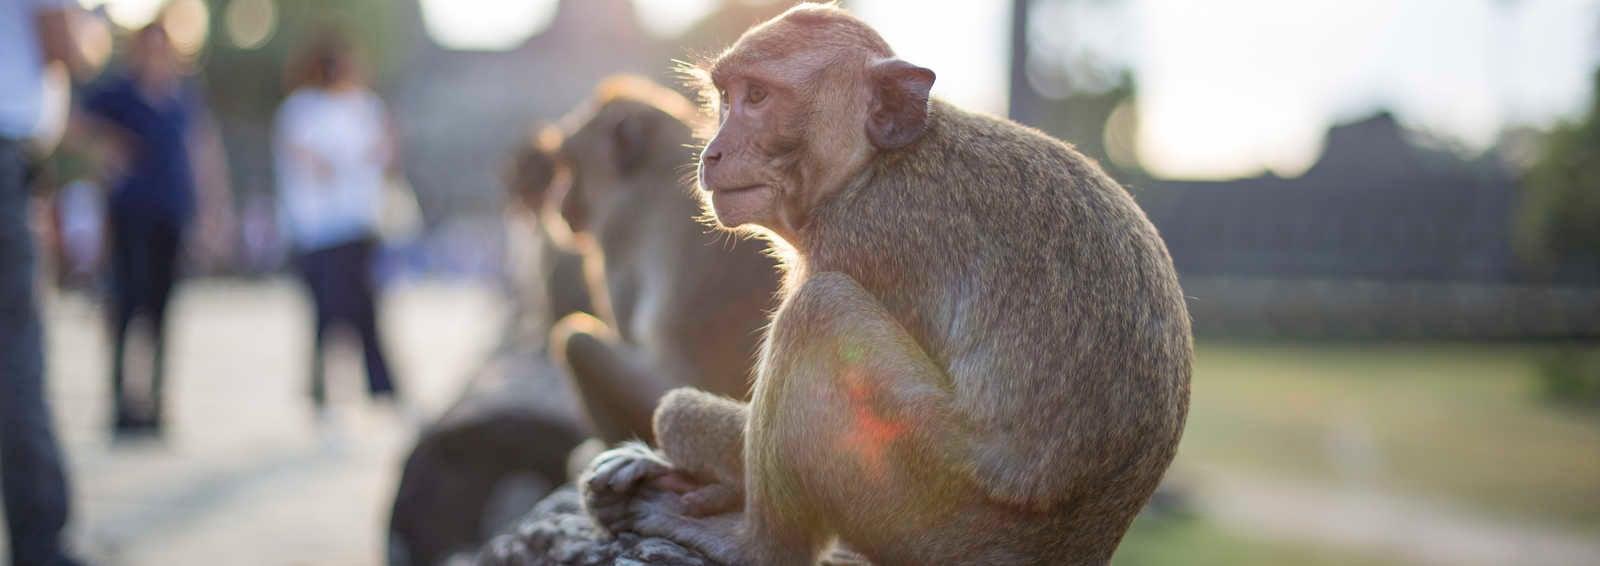 Monkey at Angkor Wat temple, Cambodia